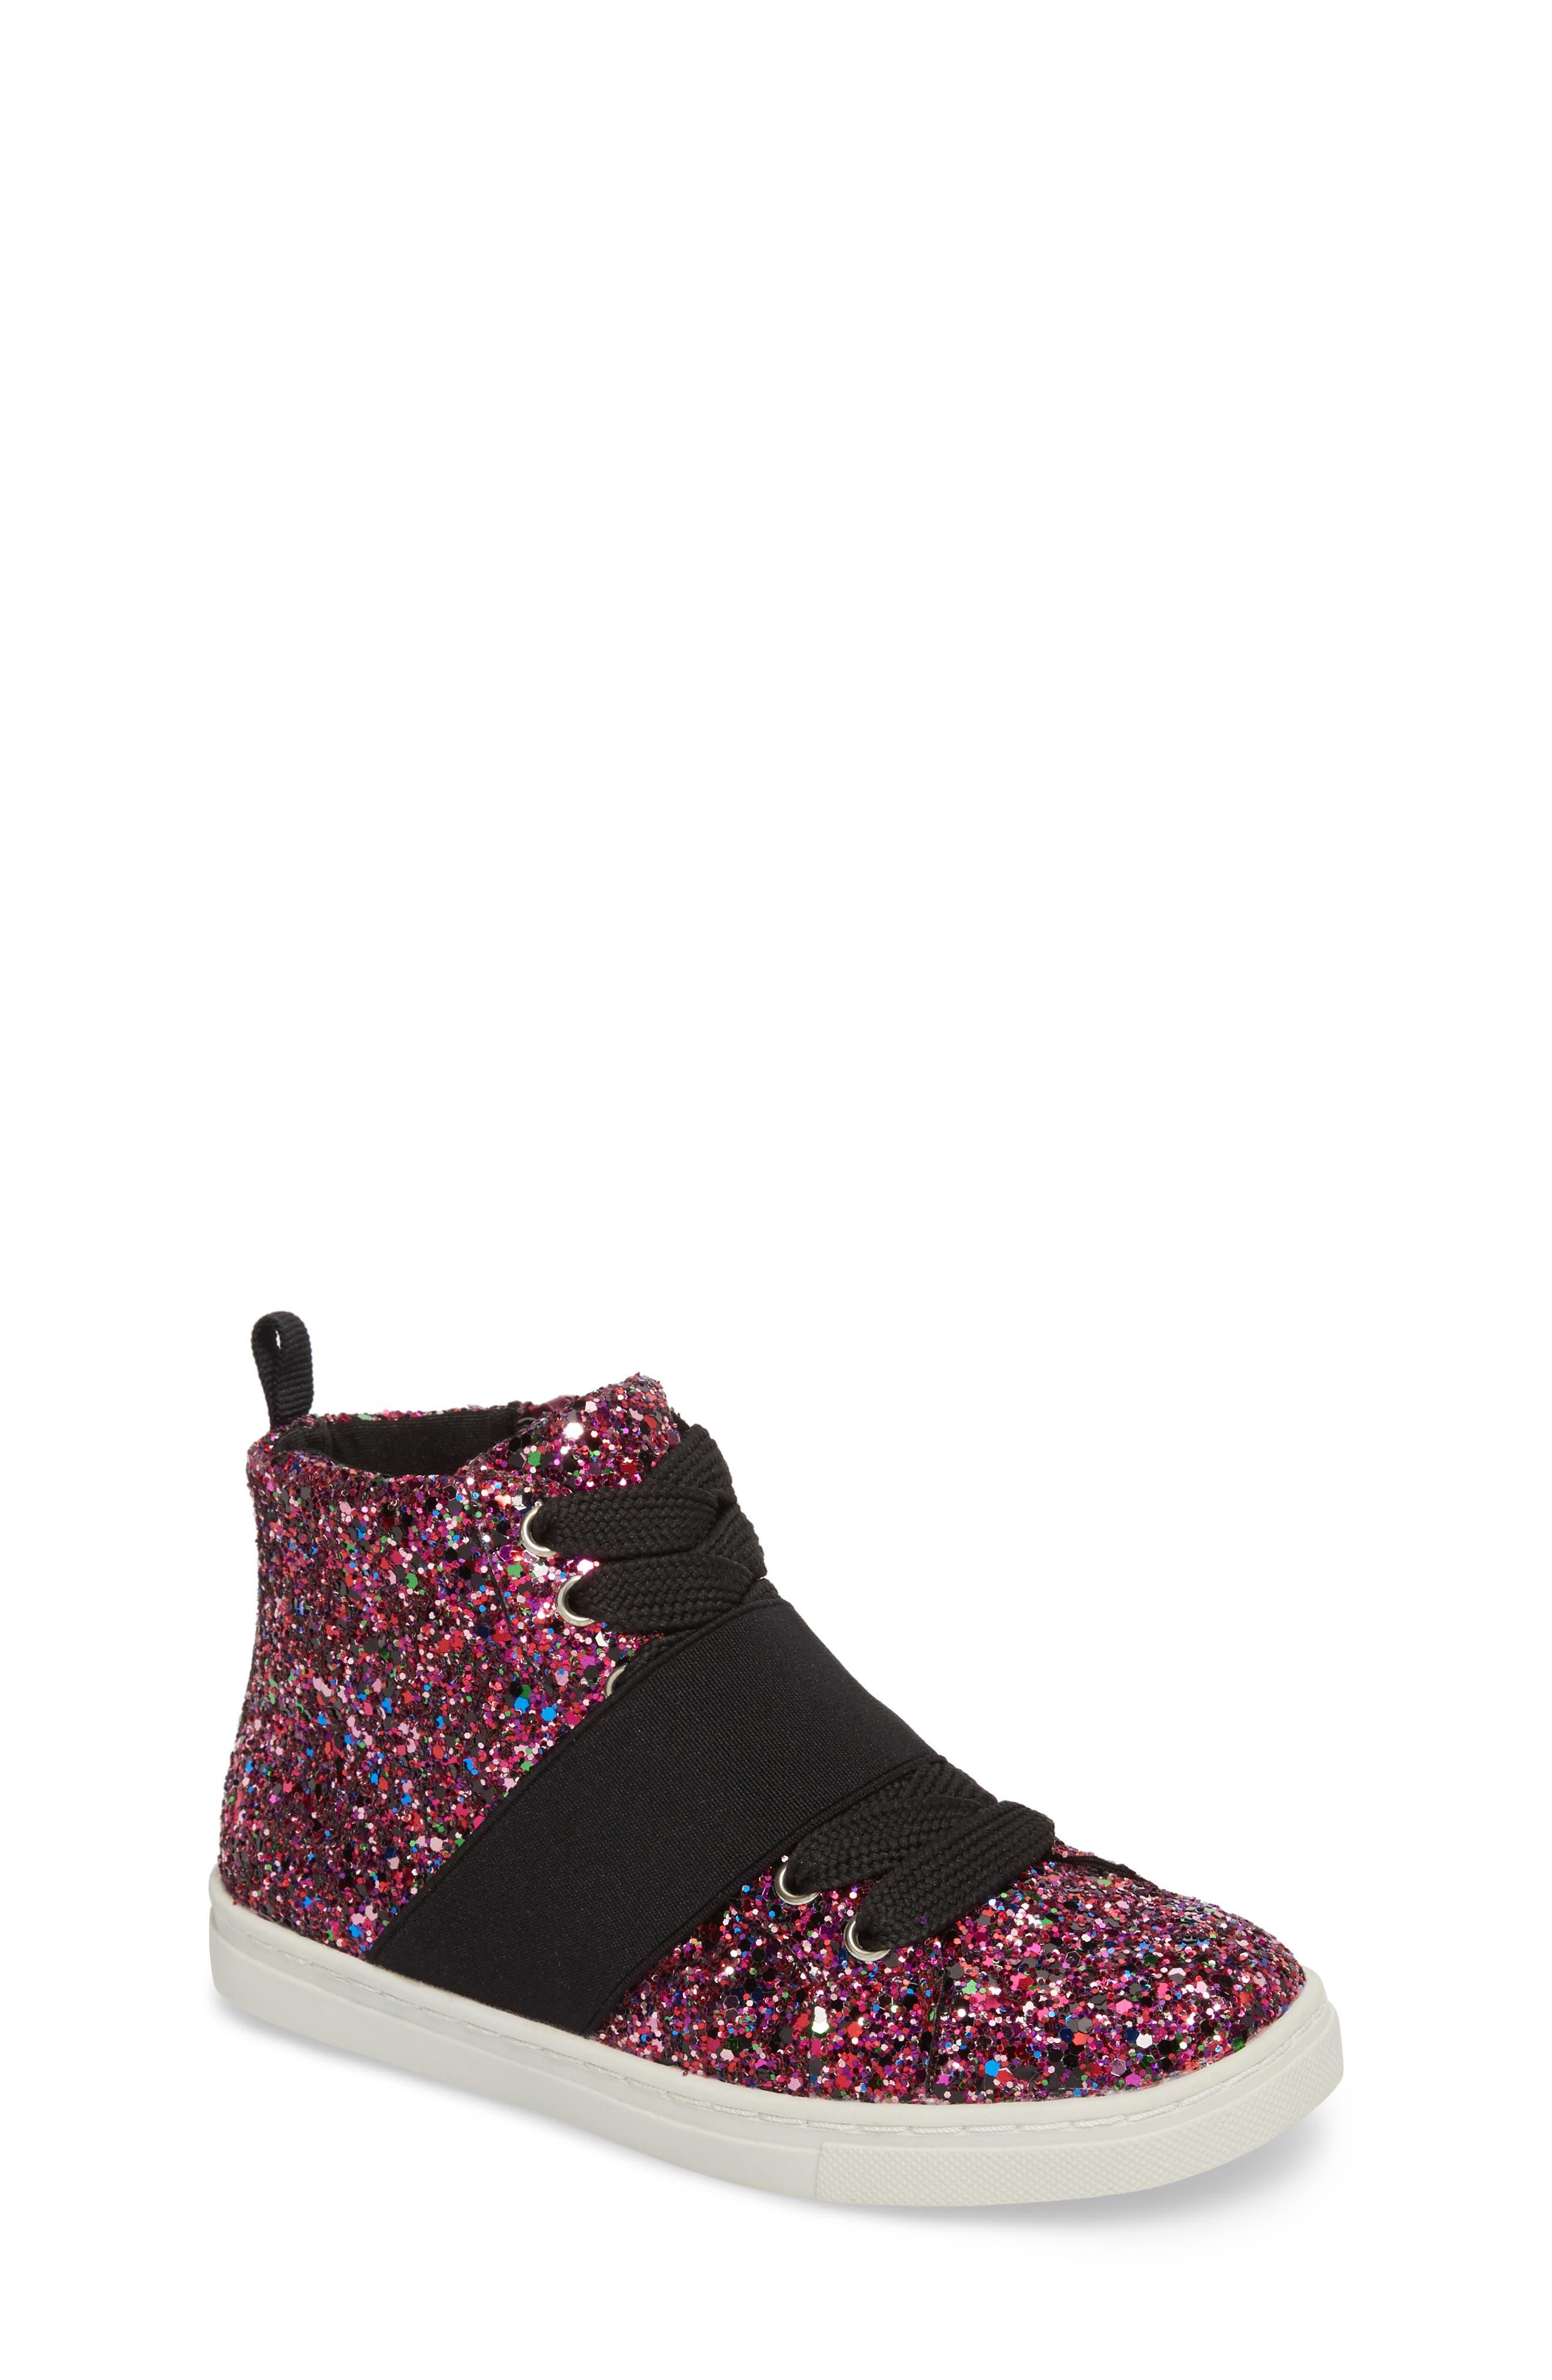 Zoa High Top Sneaker,                         Main,                         color, 650